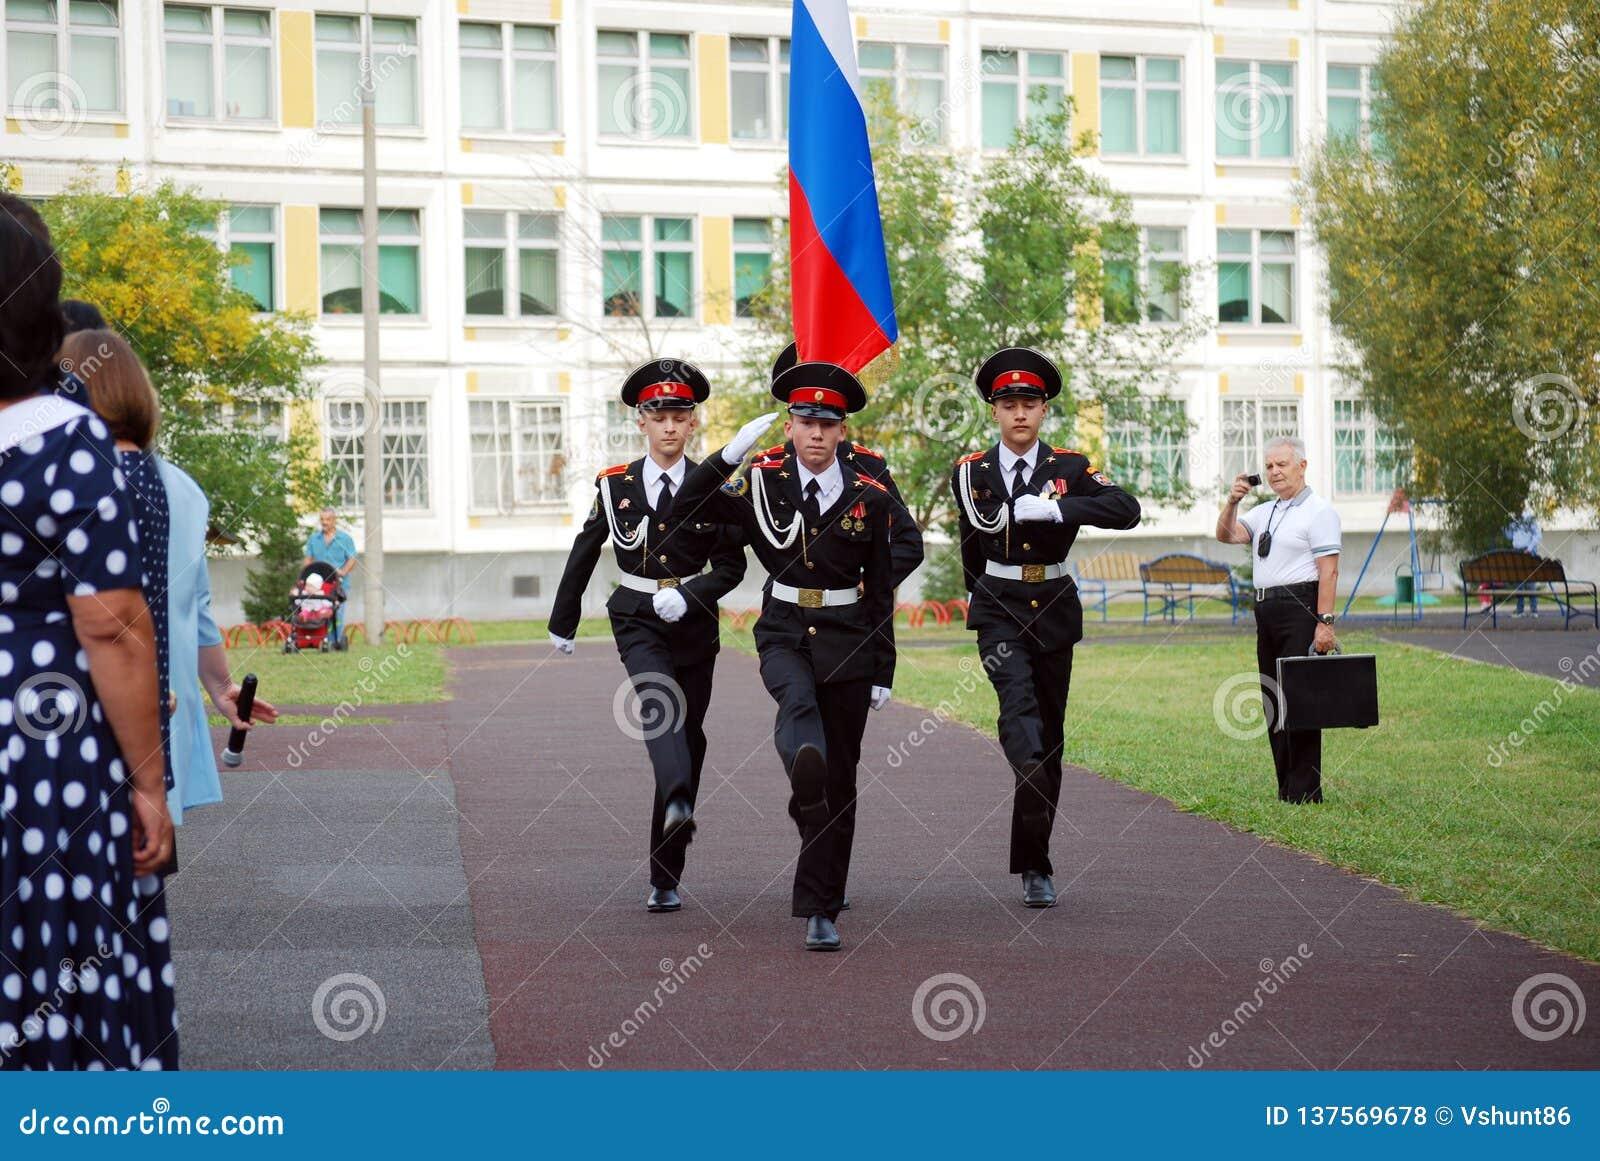 Les cadets marchent avec une bannière sur une règle de matin avant école sur la défilé-terre Étudiants d école